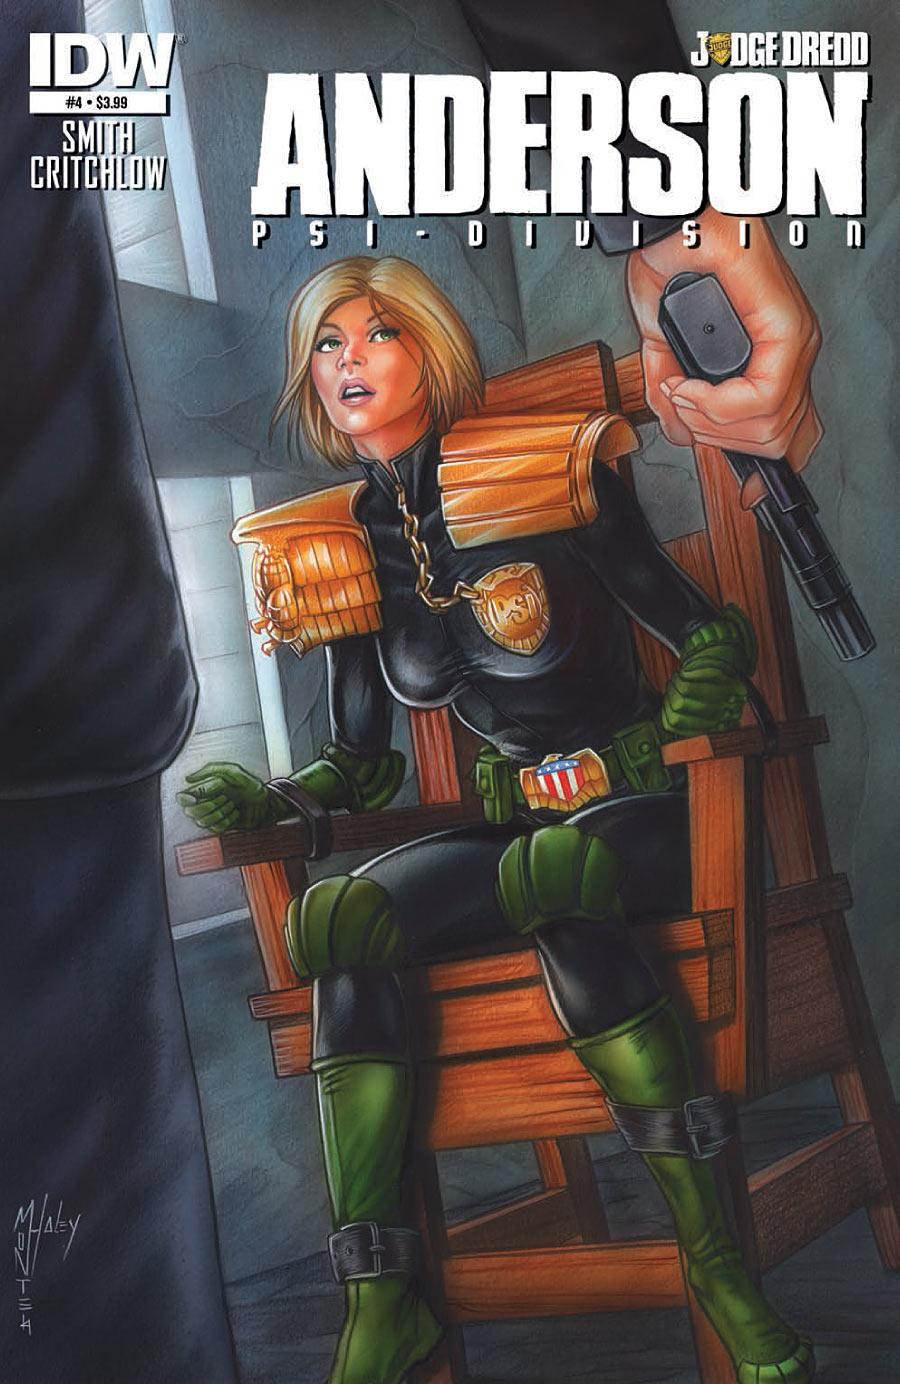 Judge Dredd: Anderson, Psi Division #4